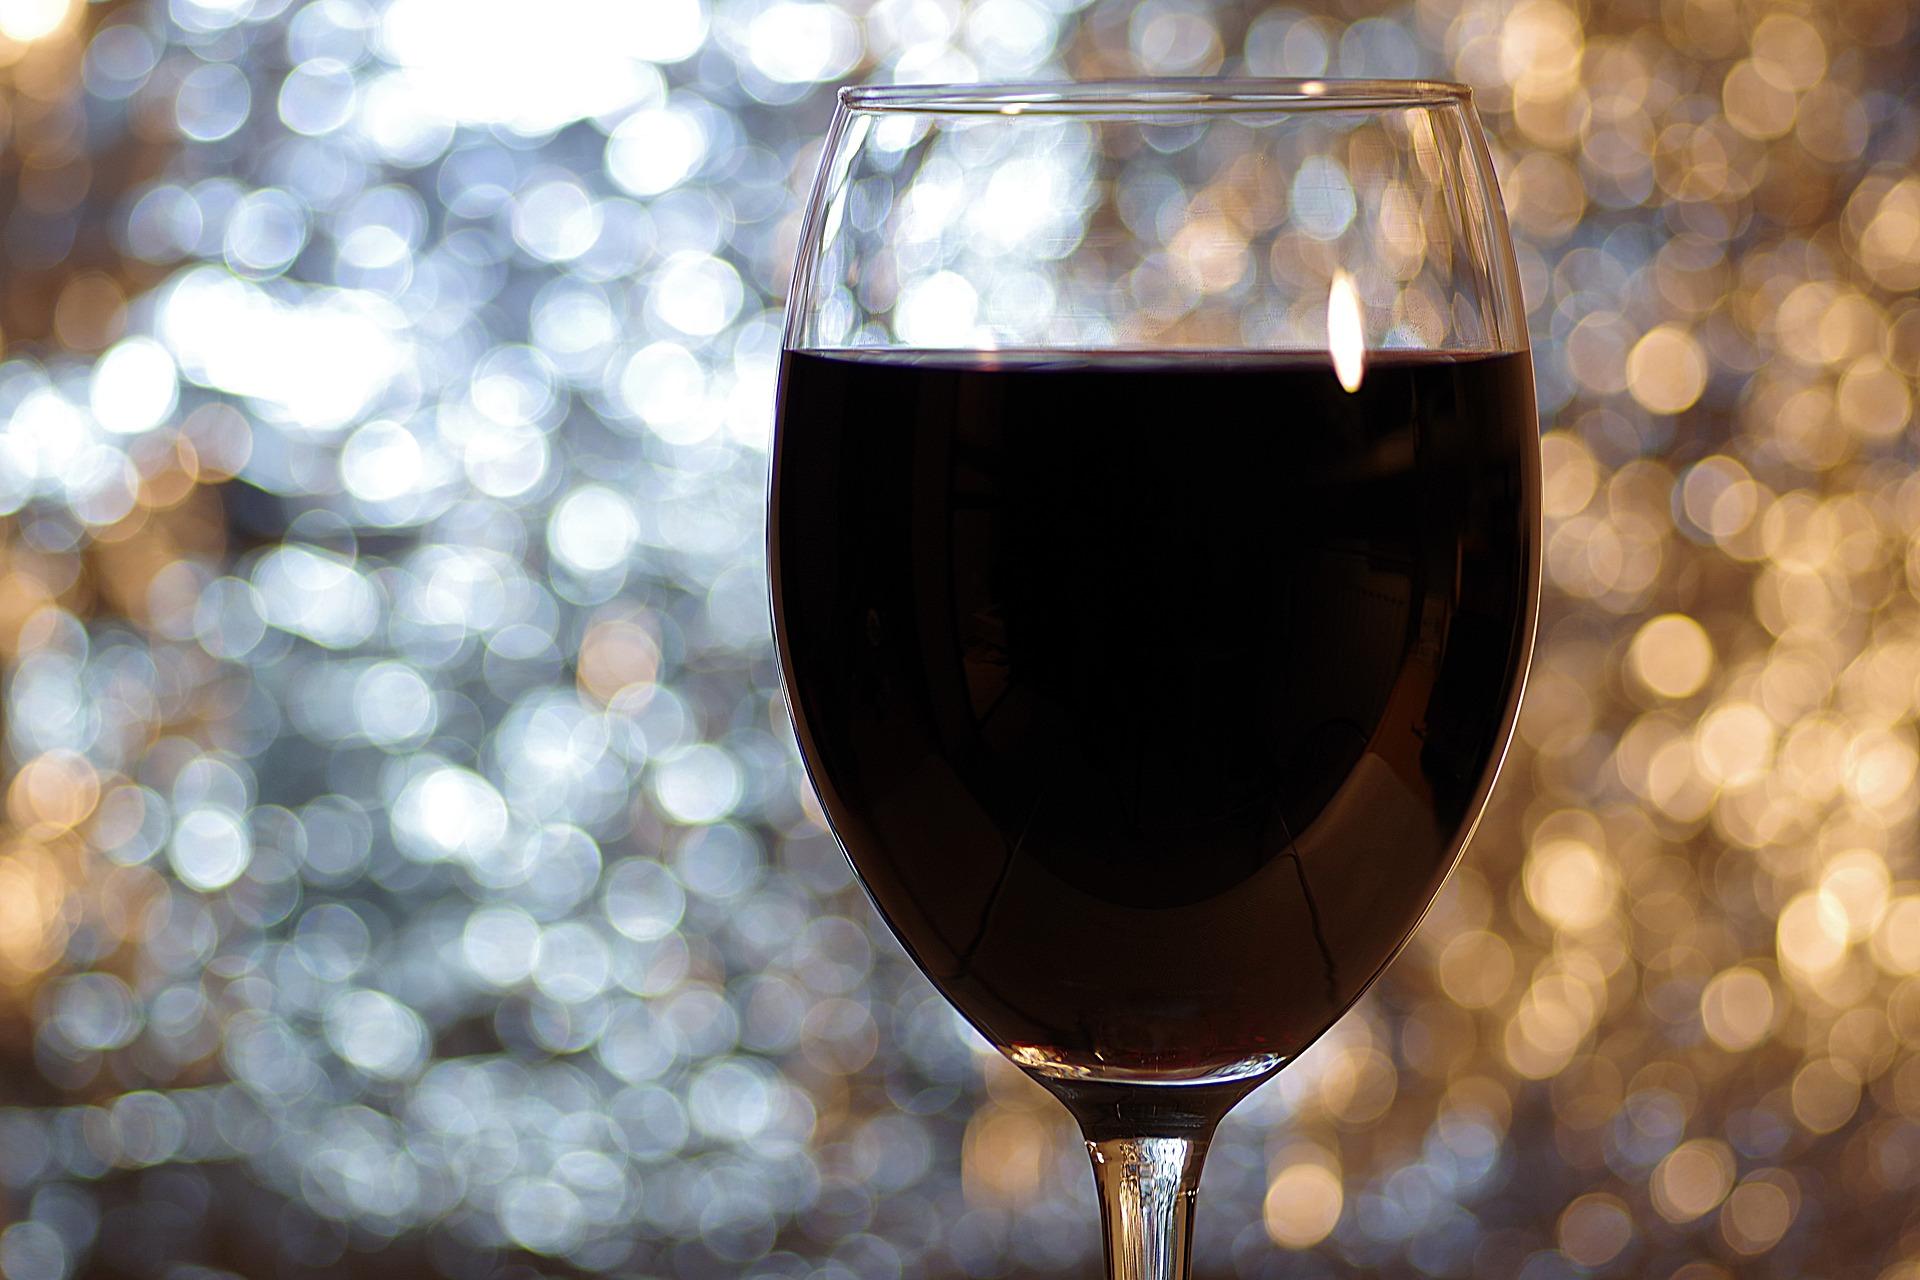 Come scegliere una bottiglia di vino conoscere il destinatario